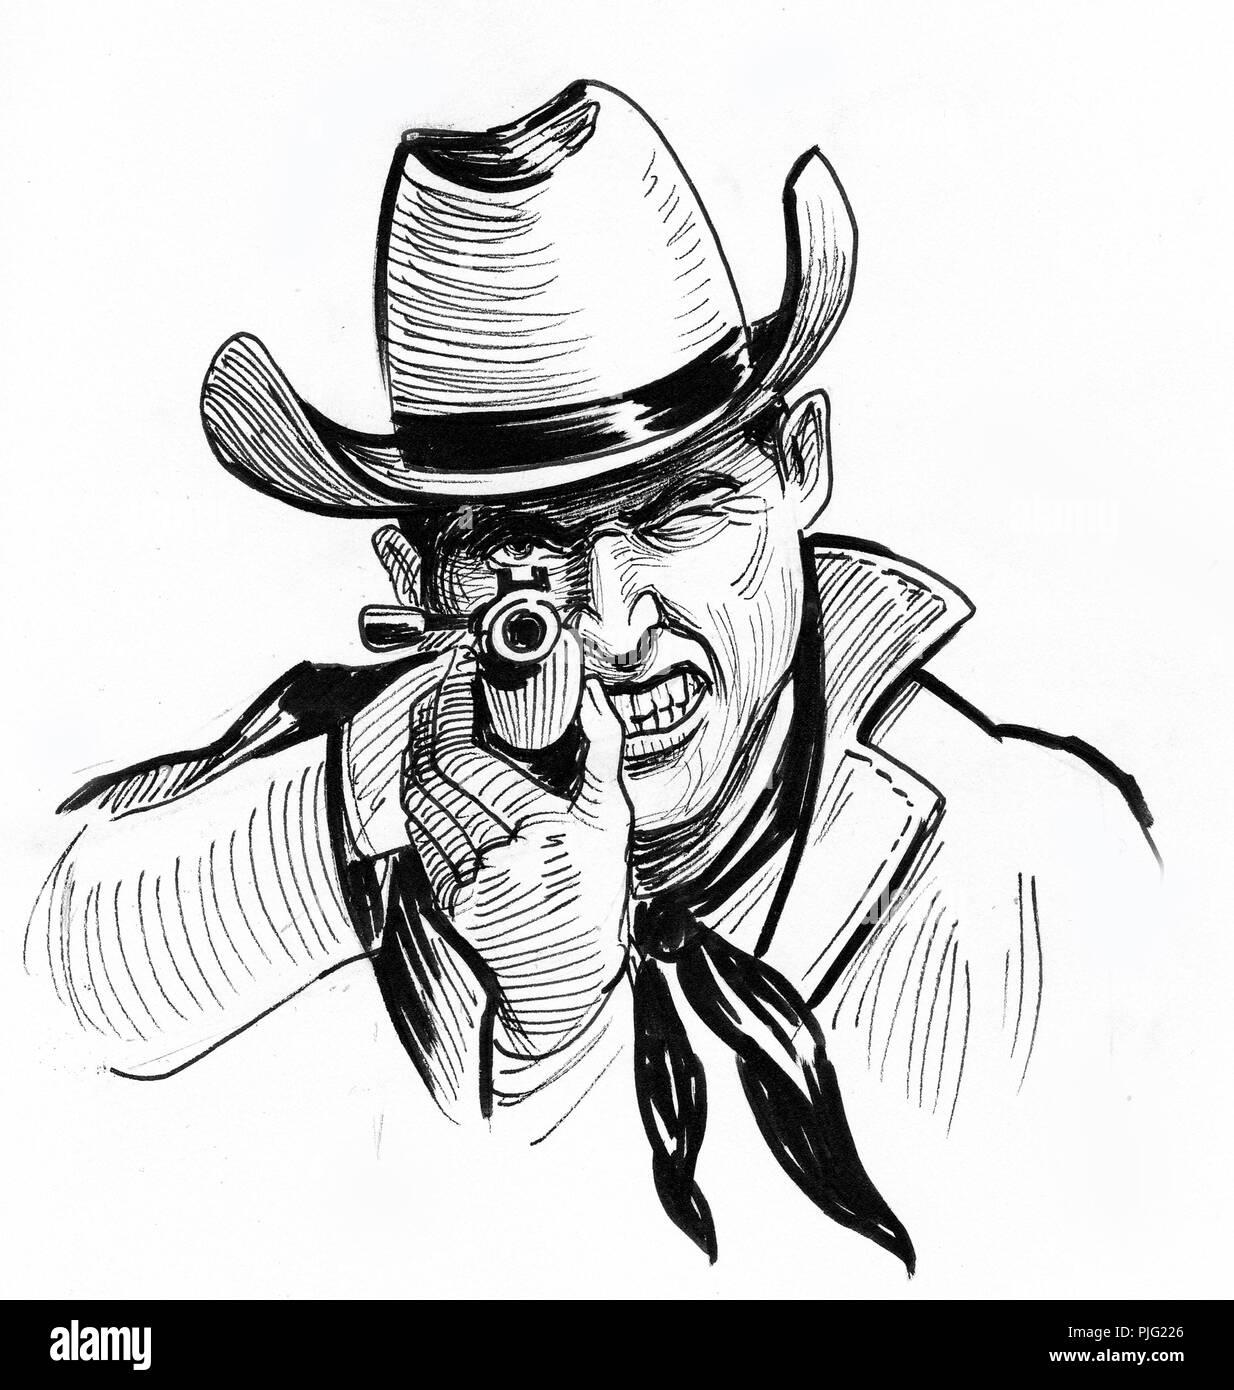 Pointing Gun Drawing